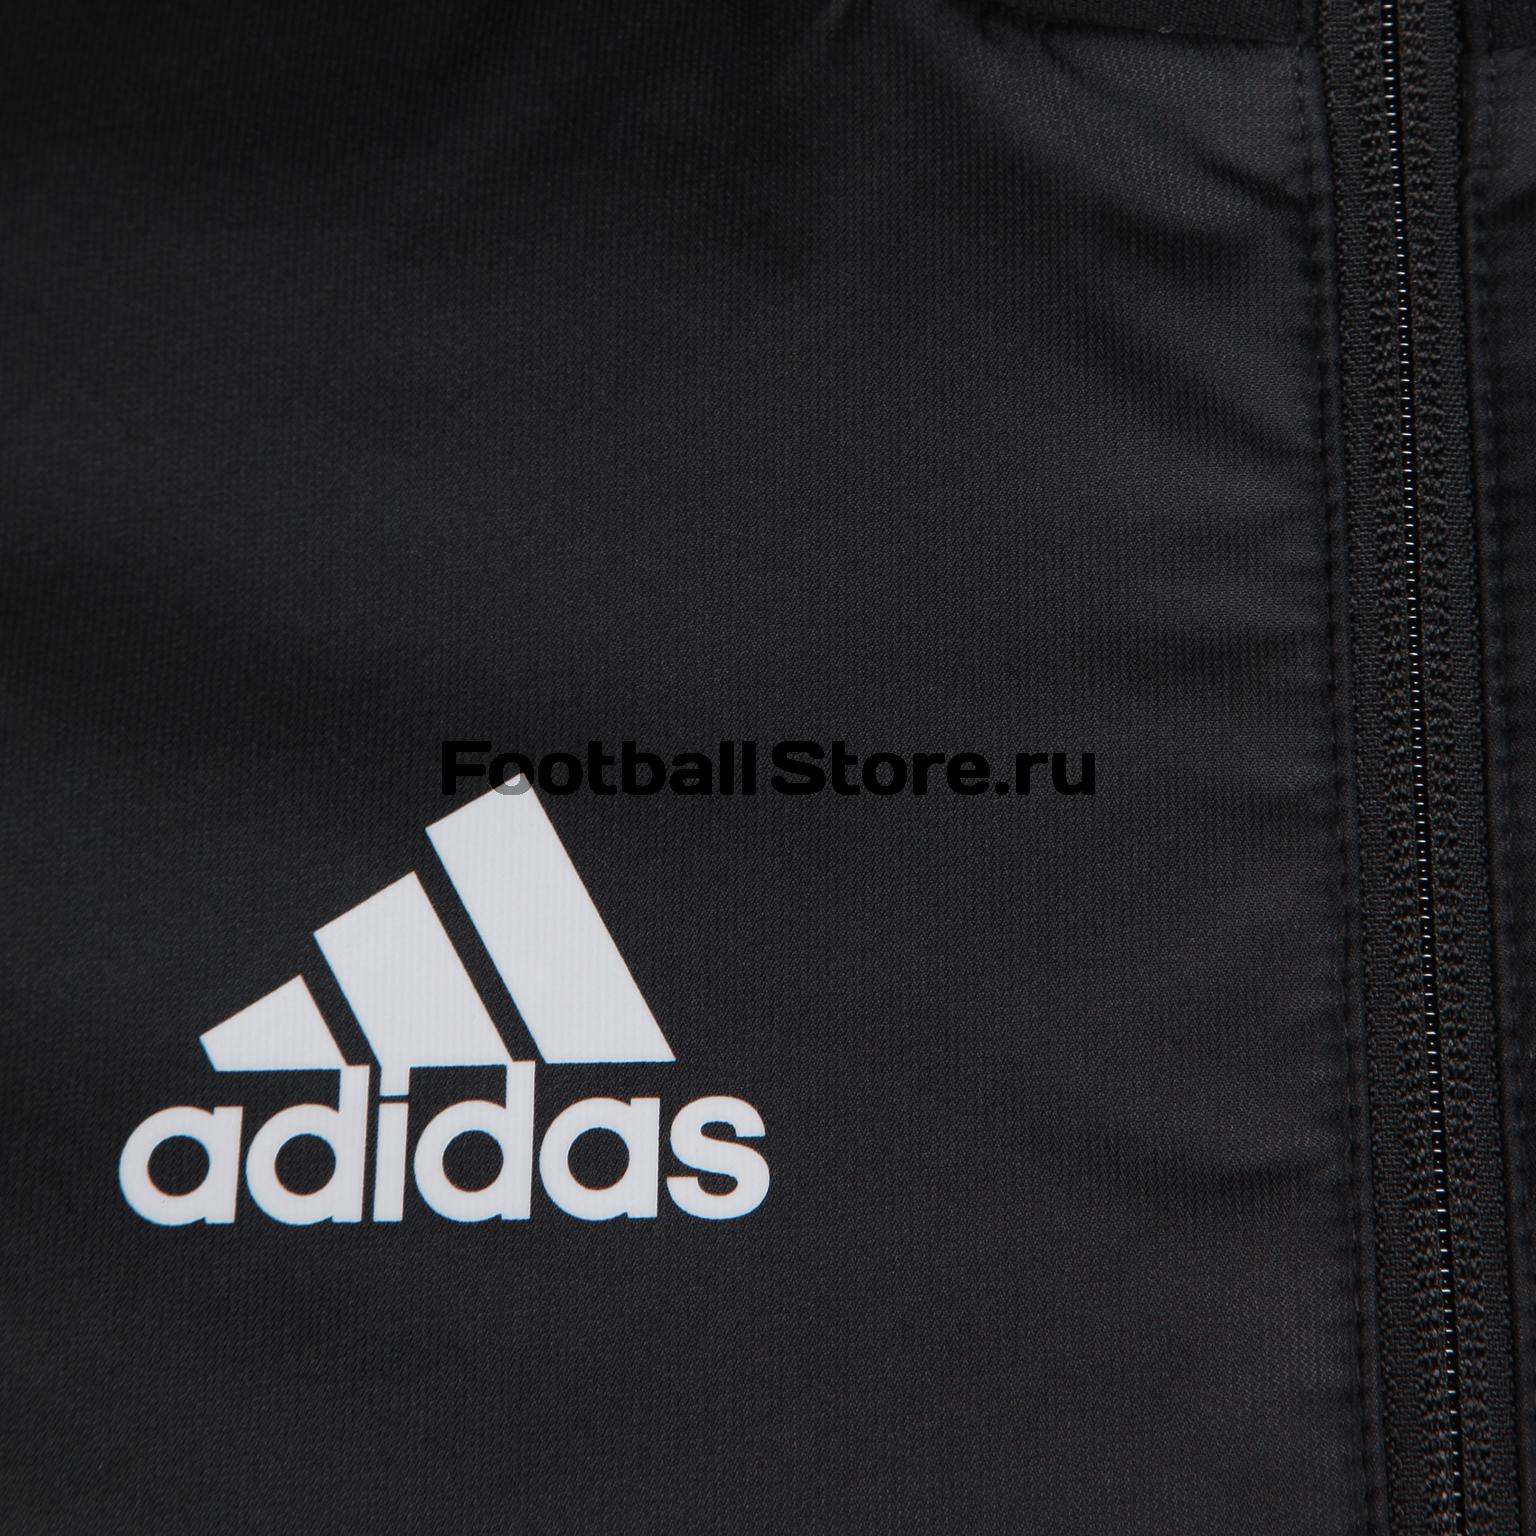 22a70fe4 Куртка утепленная Adidas Tiro17 Wint Jktl BS0050 – купить в интернет ...